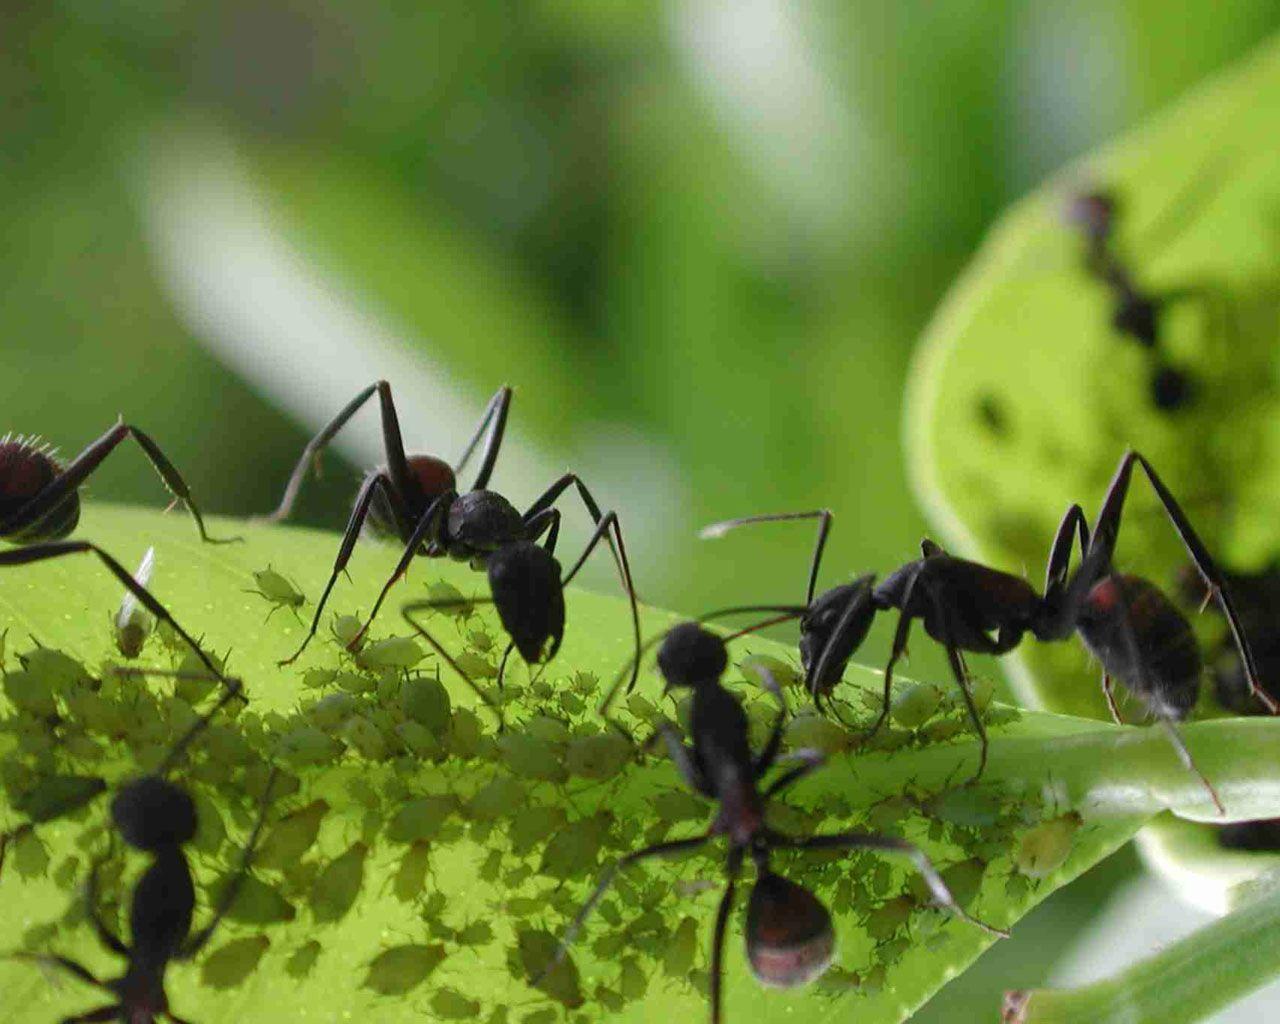 Cómo ahuyentar invasión de hormigas | Hormigas, Hormigas negras y Huerta